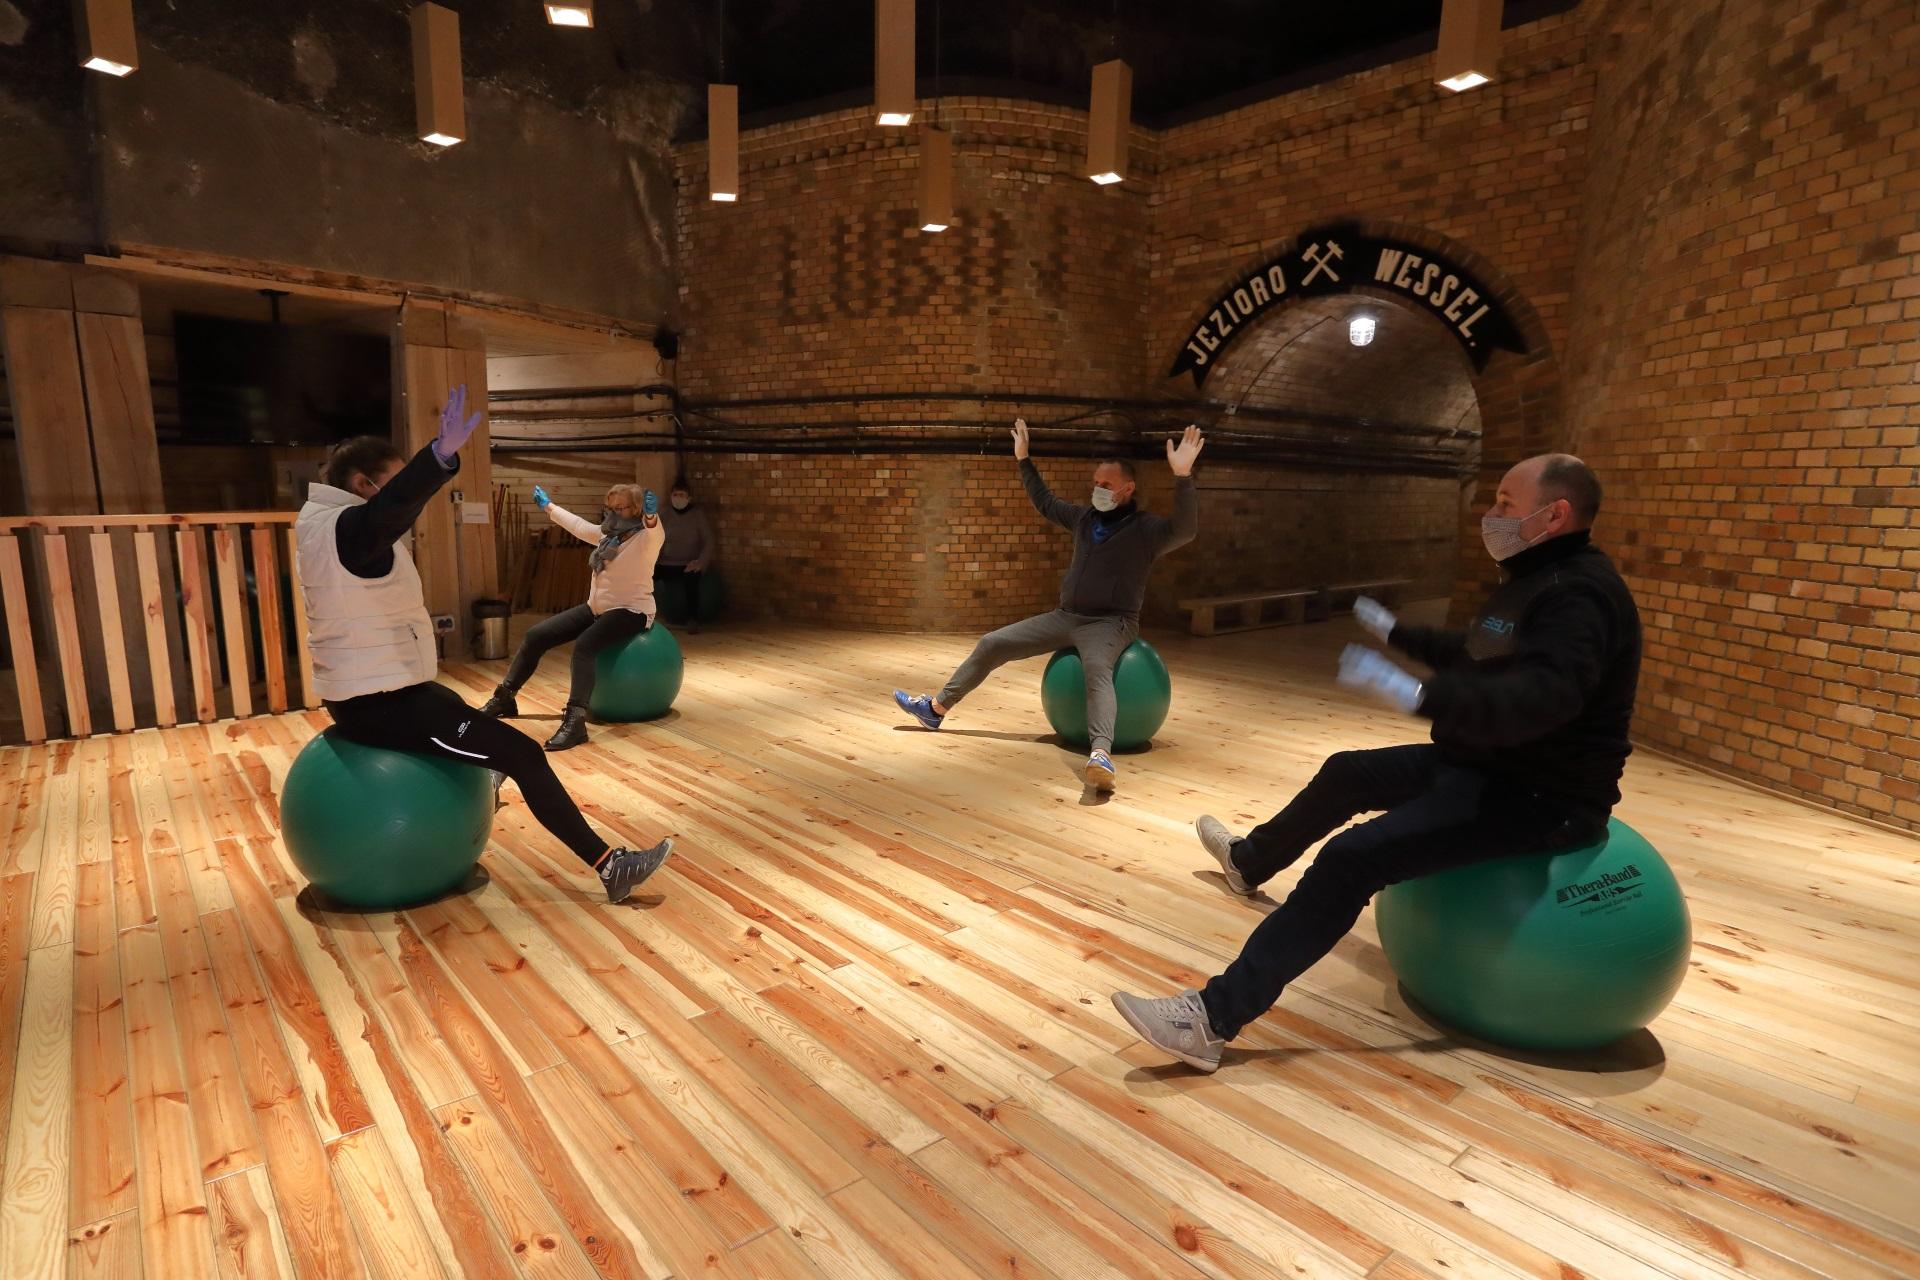 Rehabilitacja w komorze Jezioro Wessel. Troje pacjentów ćwiczy równowagę, siedząc na zielonych piłkach. Ćwiczenie demonstruje fizjoterapeutka